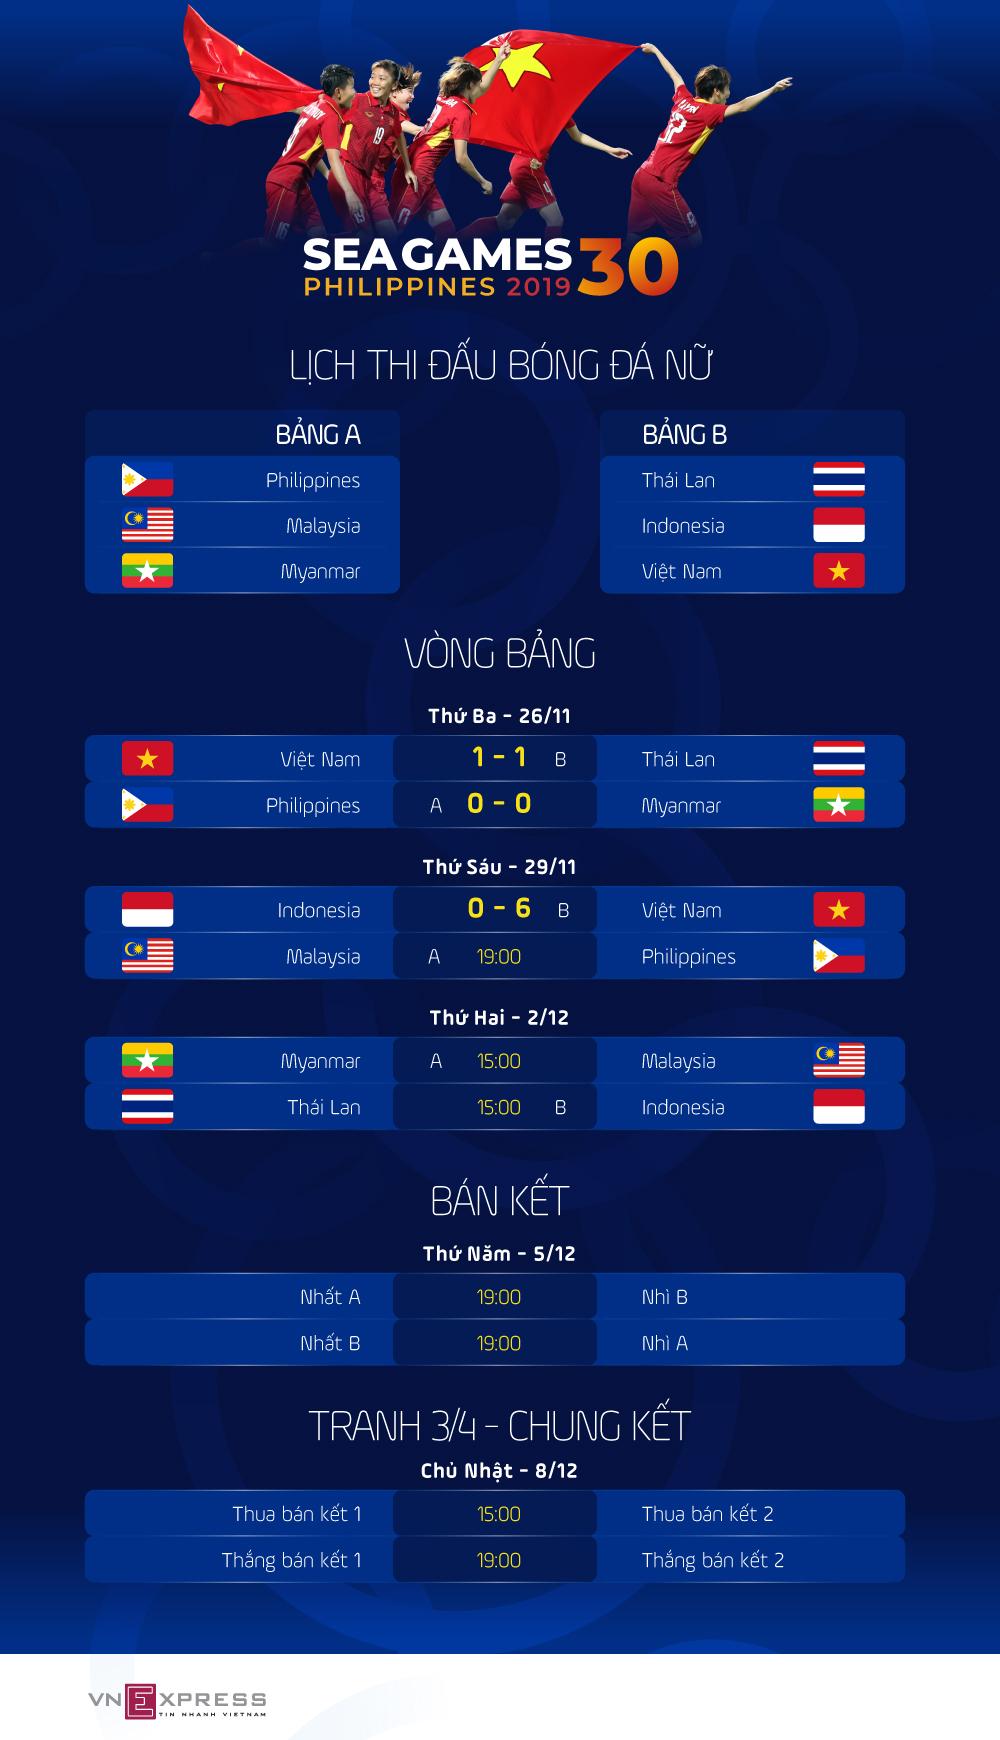 Lịch thi đấu bóng đá nữ SEA Games 2019